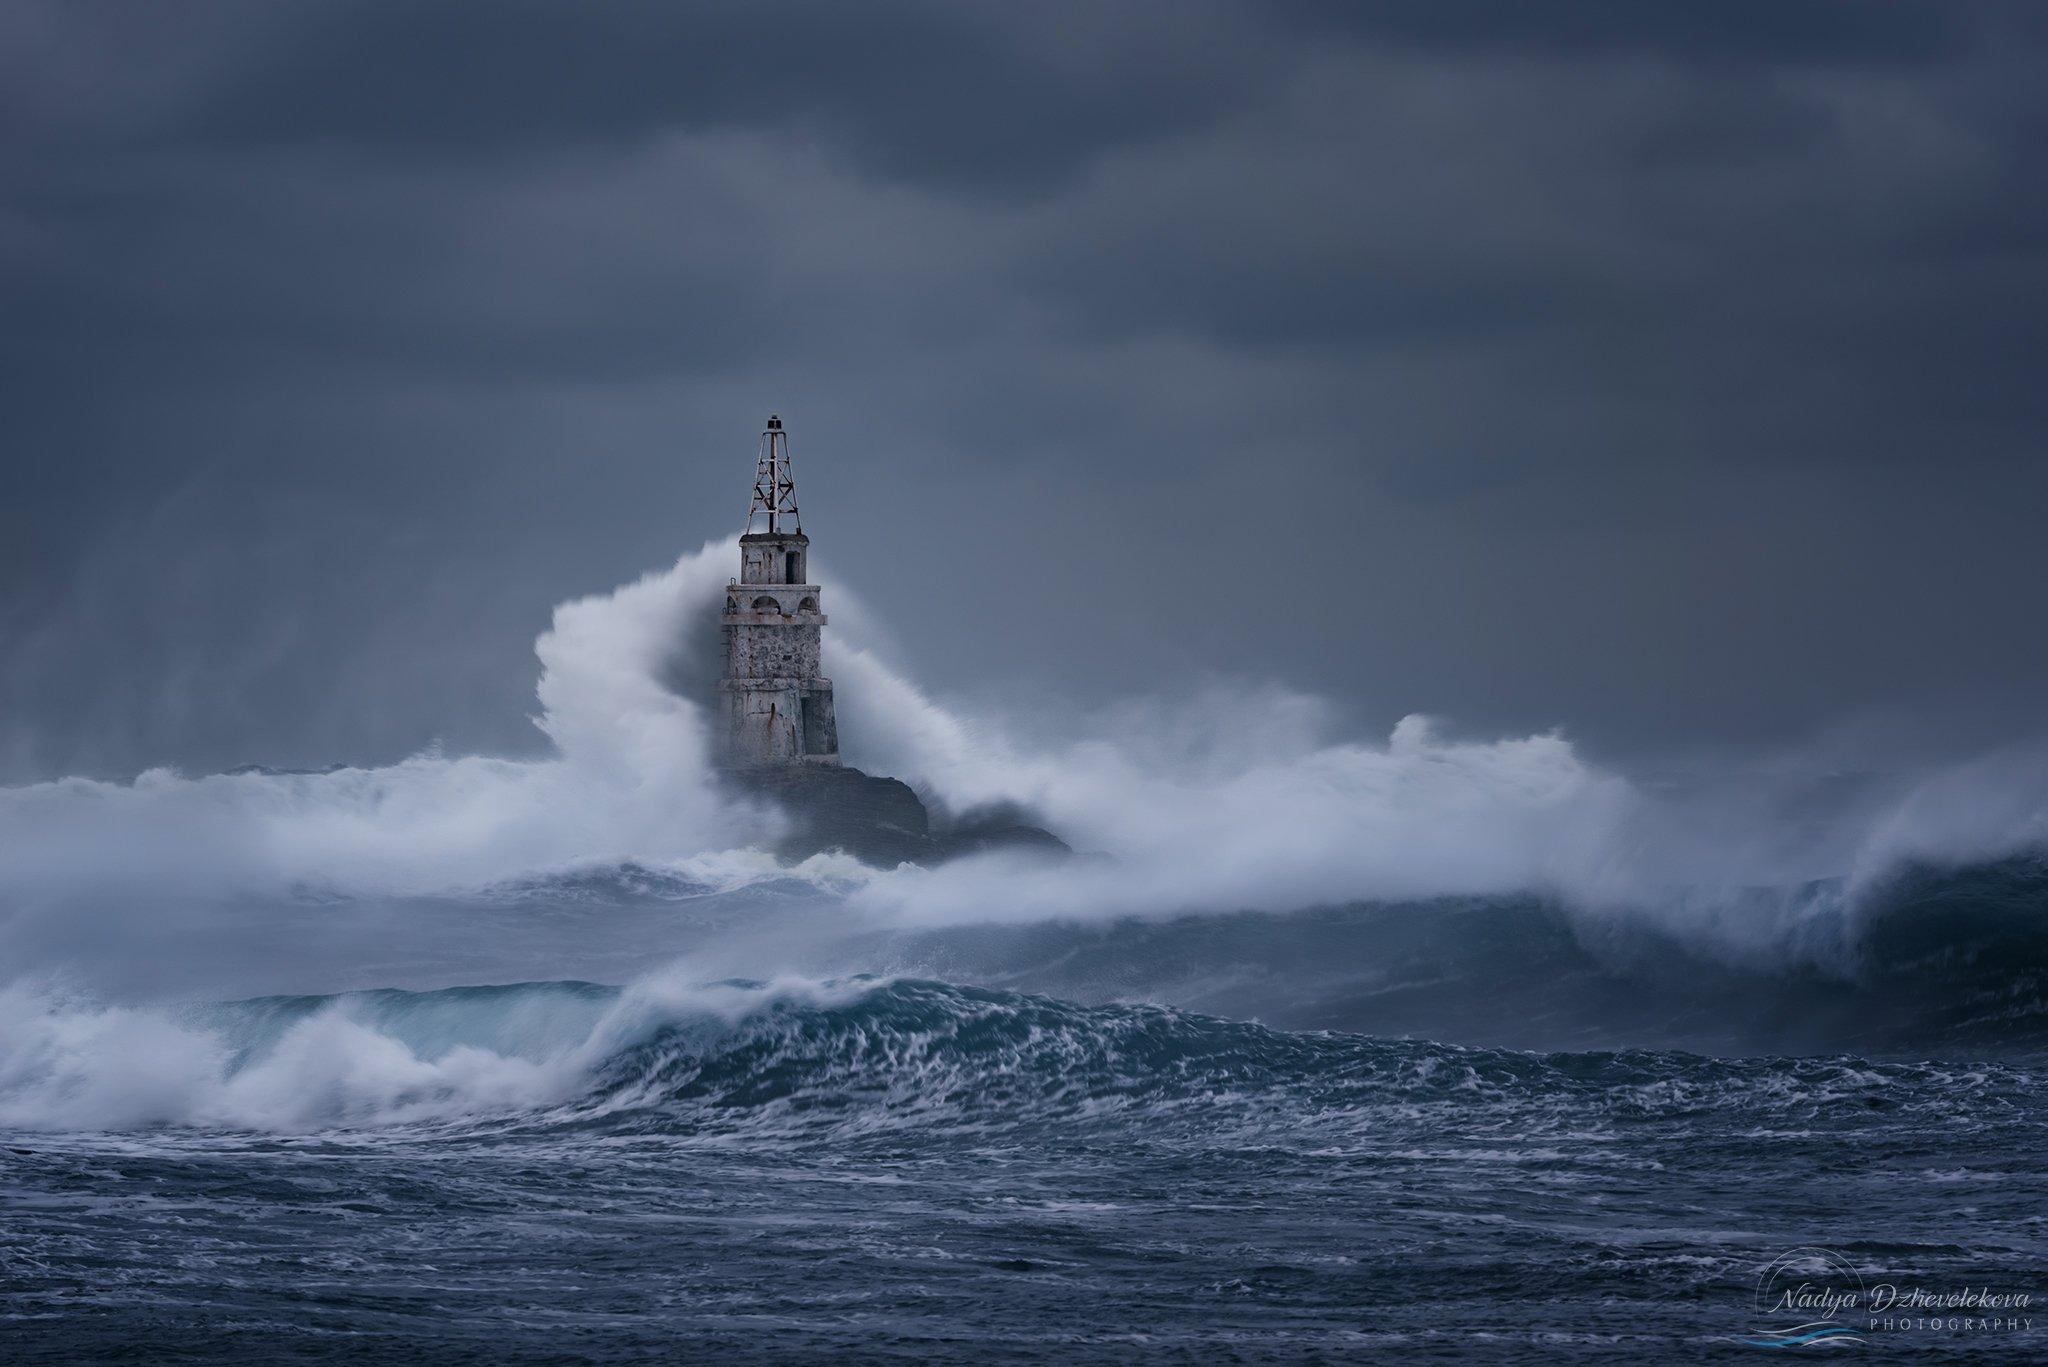 storm, clouds, sea, waves, sky, seascape, cloudscape, Надя Джевелекова